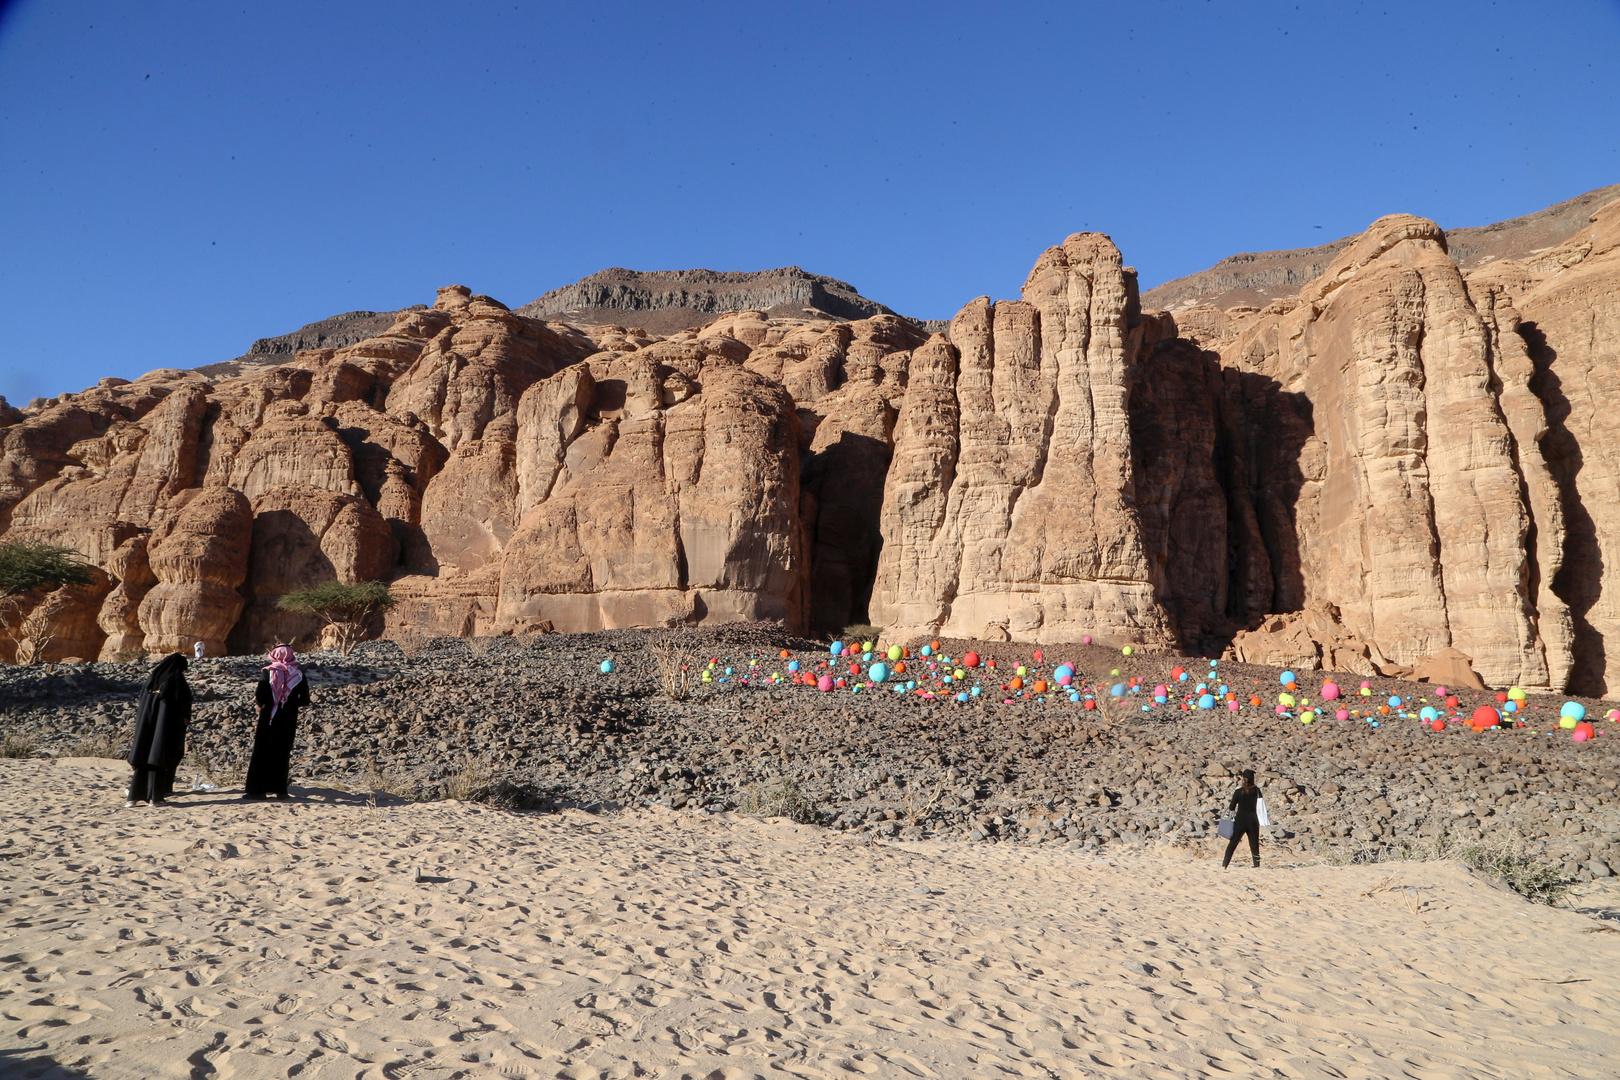 السعودية.. مجموعة أثرية دولية تكتشف قطعا أثرية عمرها 350  ألف عام